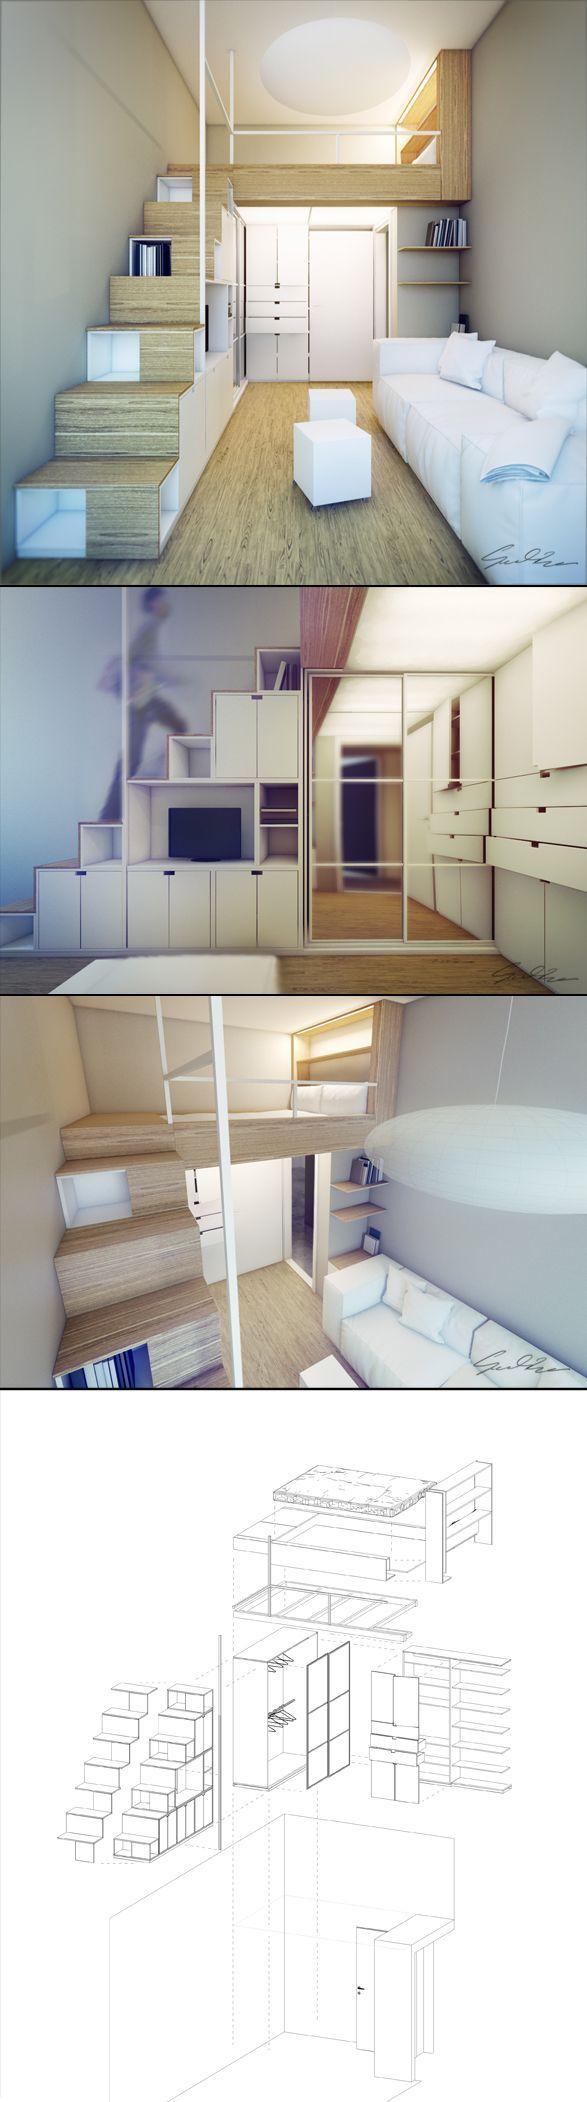 die besten 25 selbstgemachte bettrahmen ideen auf pinterest bettrahmen kinder im hochbett. Black Bedroom Furniture Sets. Home Design Ideas